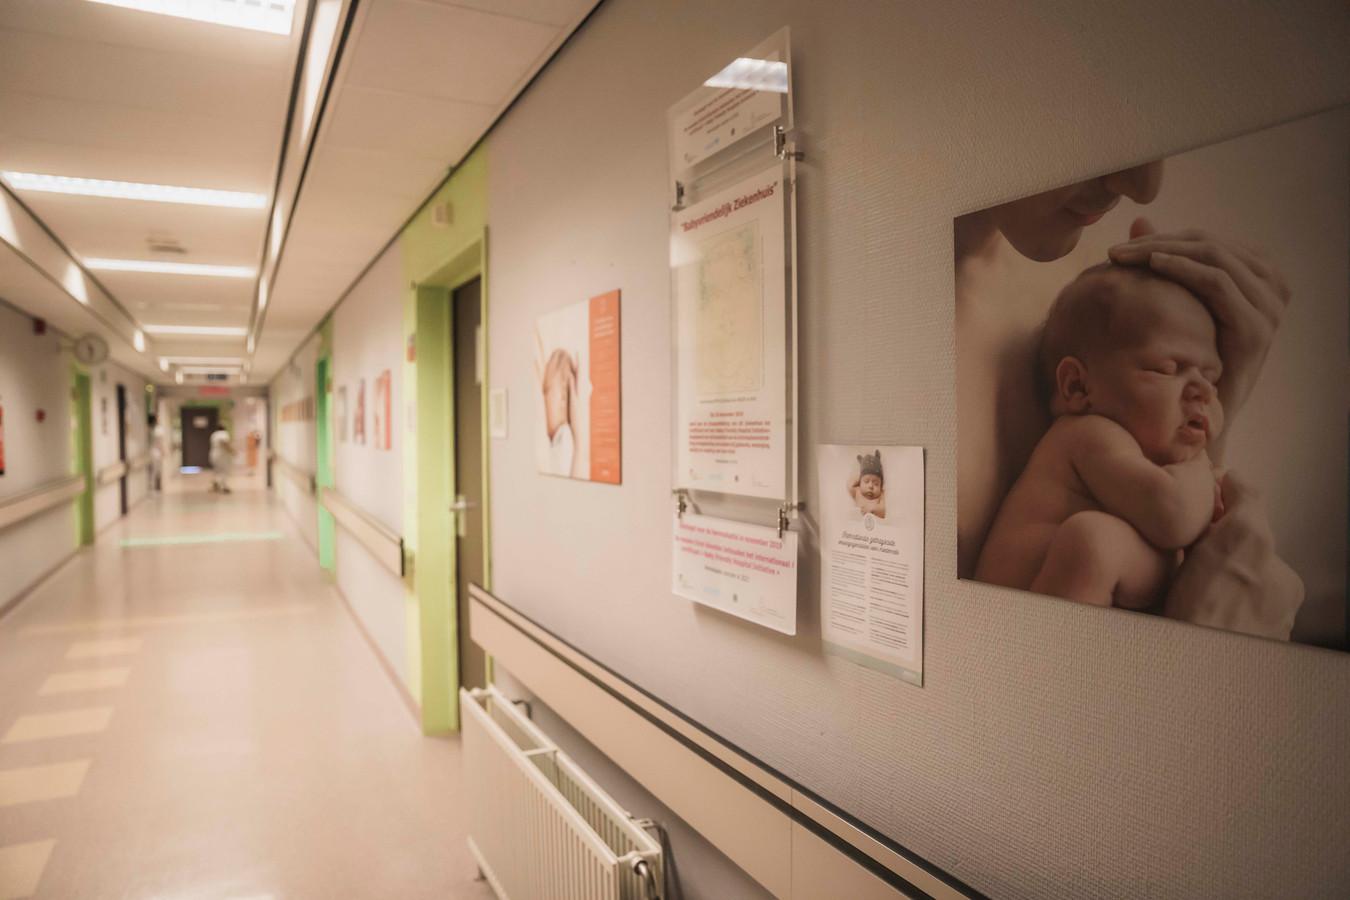 De kraamafdeling van het Hasseltse Jessa Ziekenhuis.